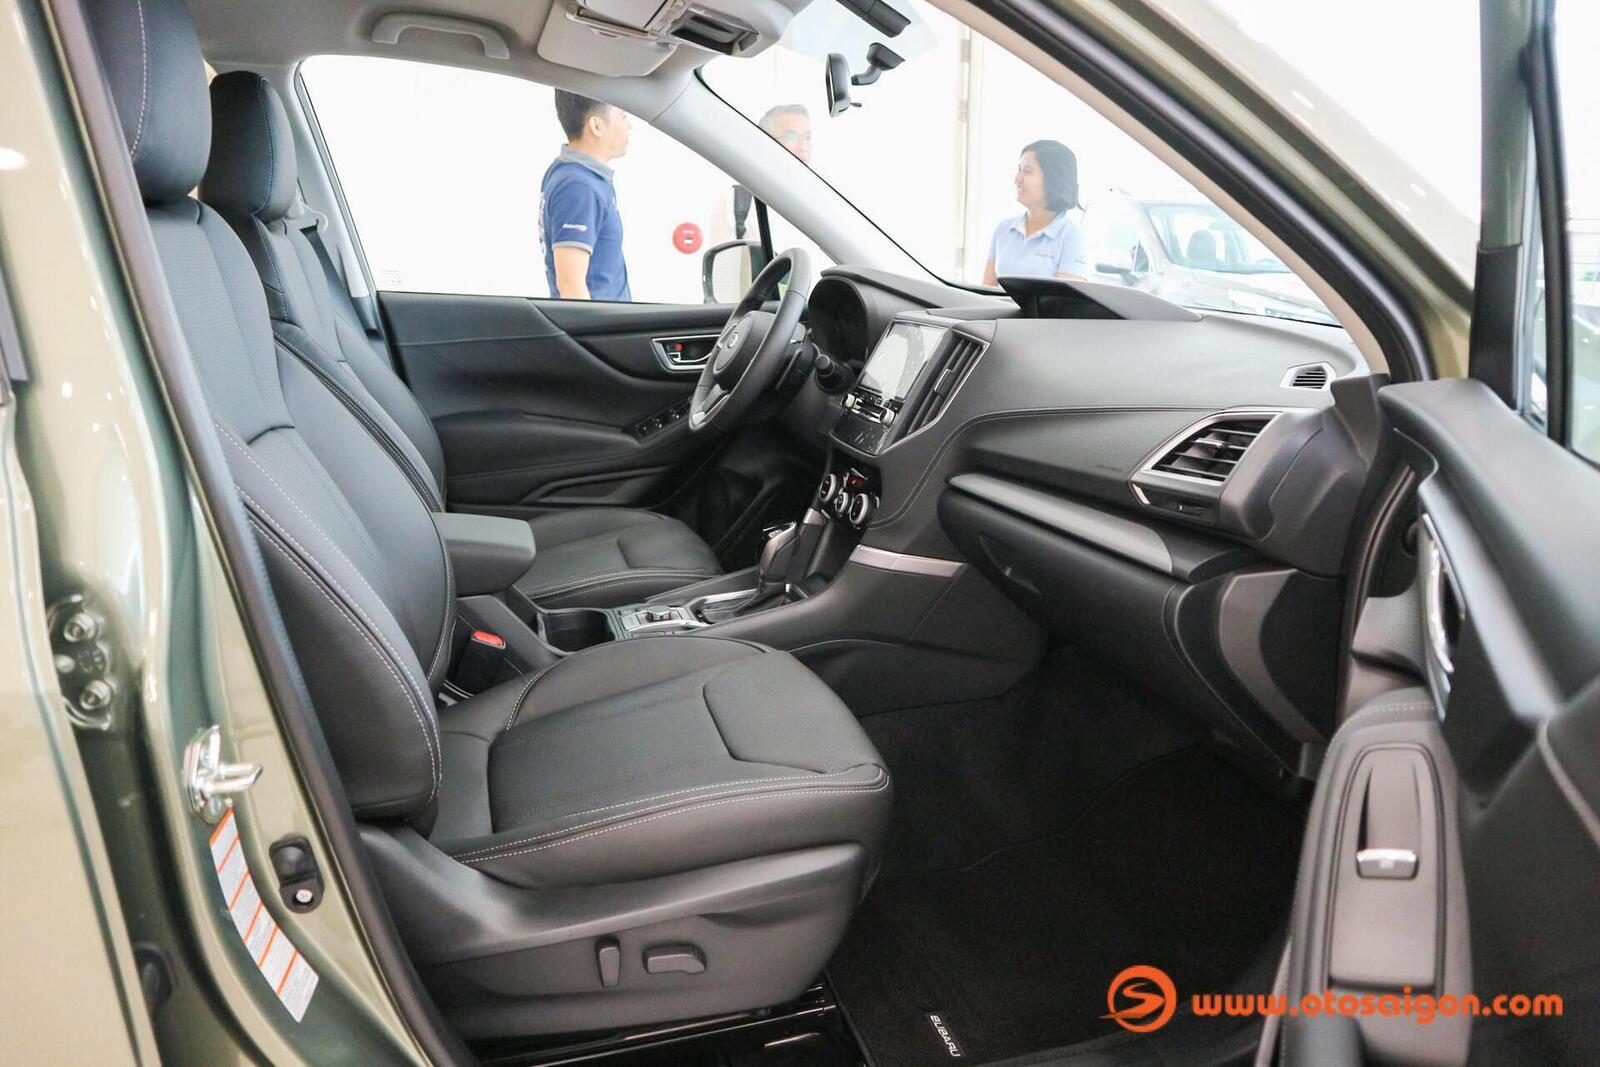 Cận cảnh Subaru Forester thế hệ mới nhập Thái sắp ra mắt tại Việt Nam | SUBARU - Hình 11